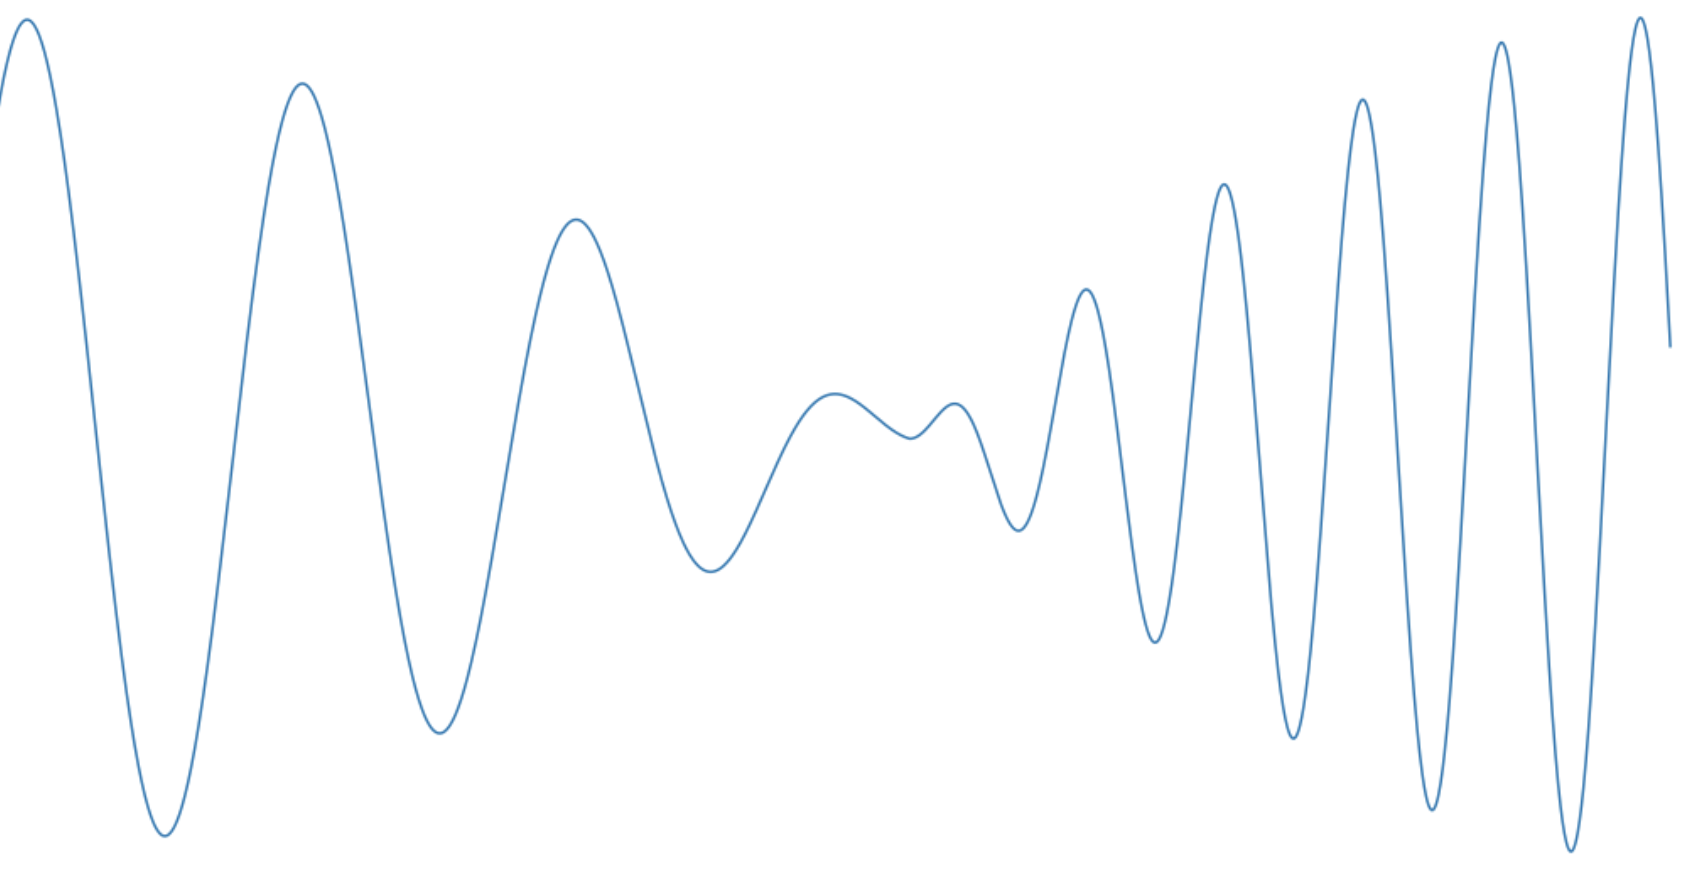 Как уязвимость в Яндекс.Станции вдохновила меня на проект: Музыкальная передача данных - 5